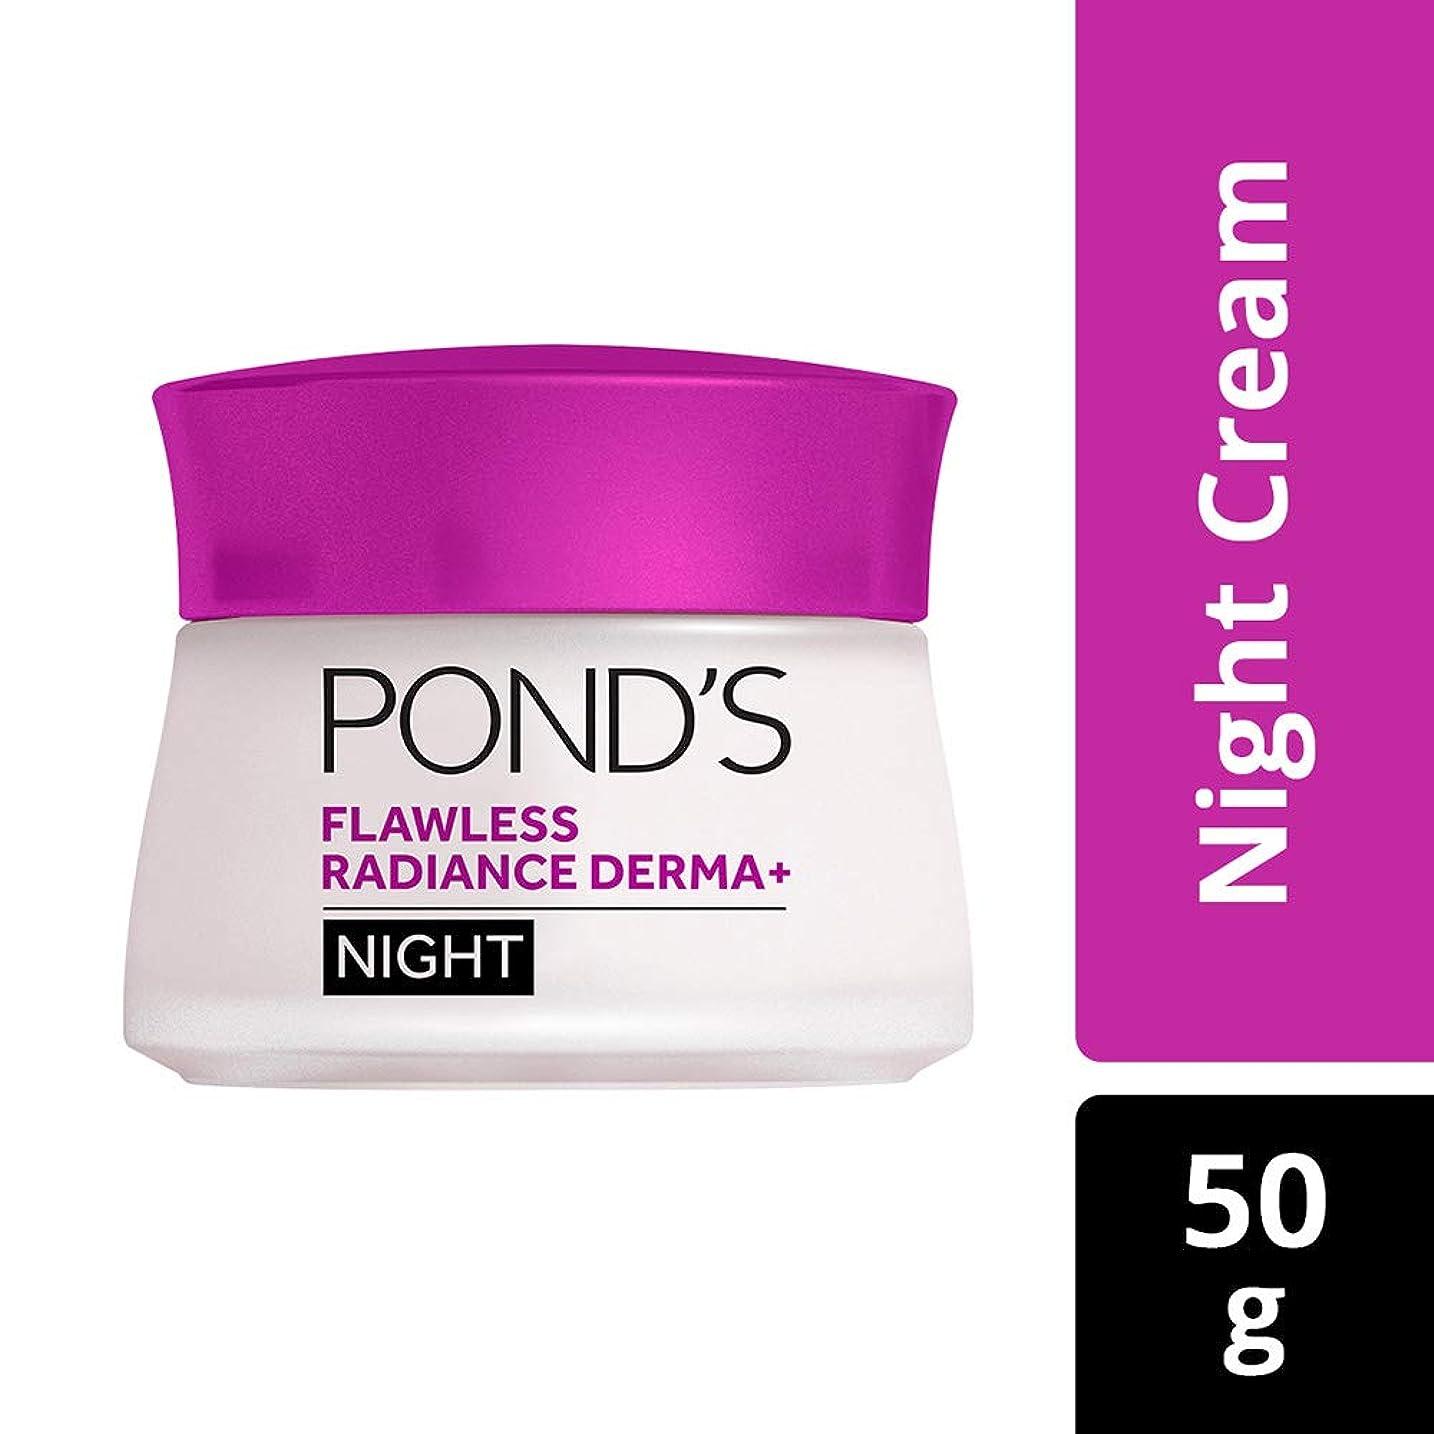 強化するスタッフよりPond's Flawless Radiance Derma+ Night Cream, 50 g (並行インポート) India